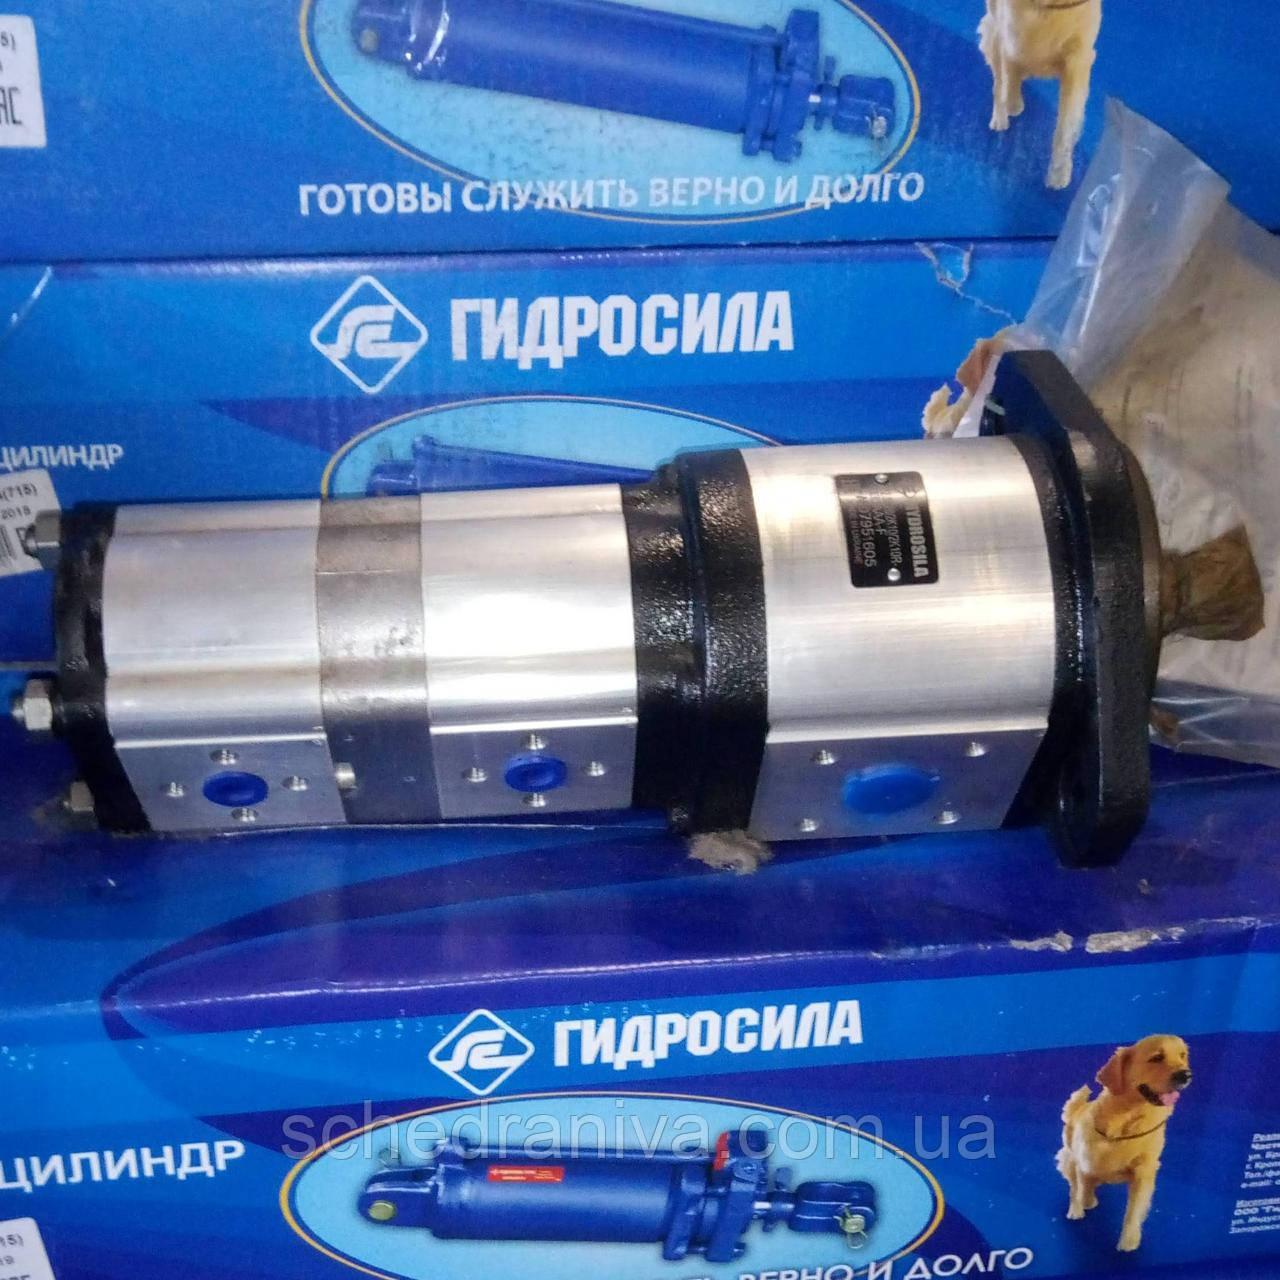 Насос тандем шестерневий GP2.5K28/2K10/2K10R (НШ 28Д-10Д-10Д-3) п-во Гідросила